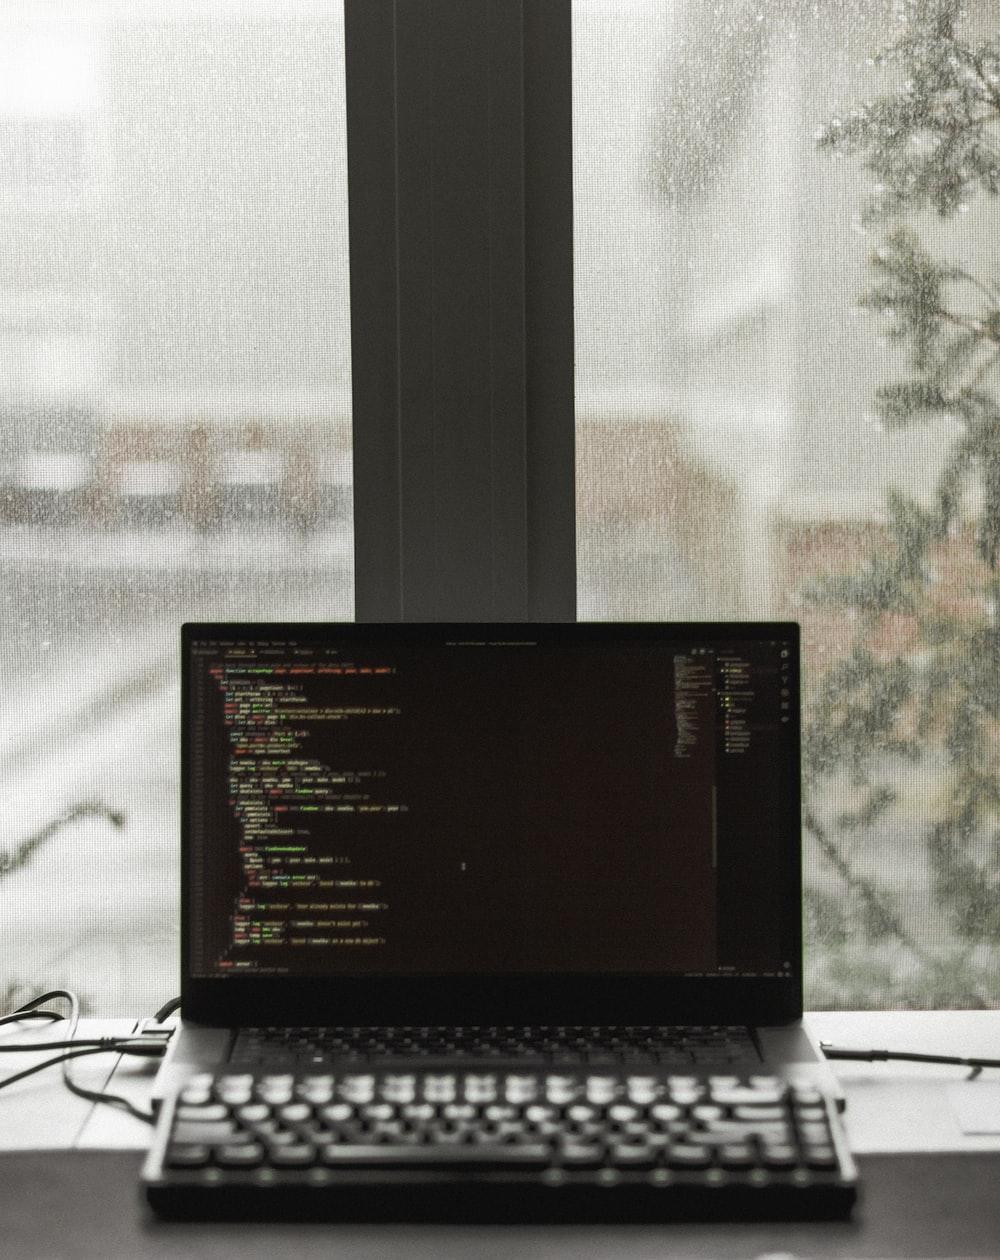 black laptop computer displaying brown screen